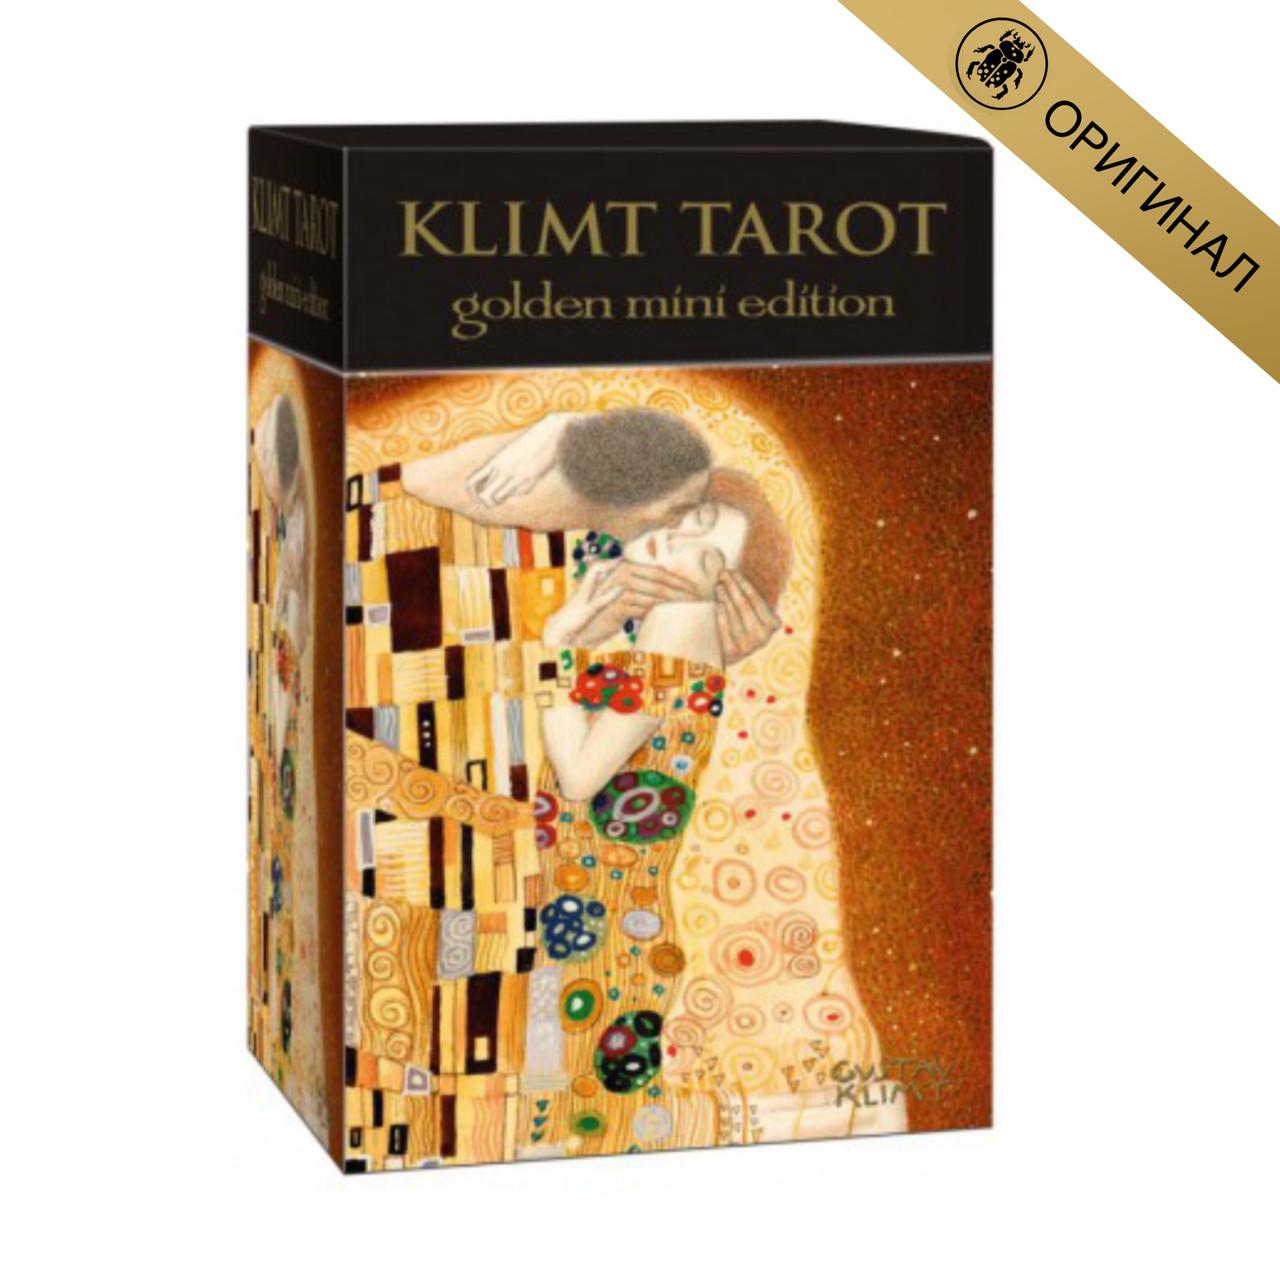 Таро Климта (Klimt Tarot) Lo Scarabeo